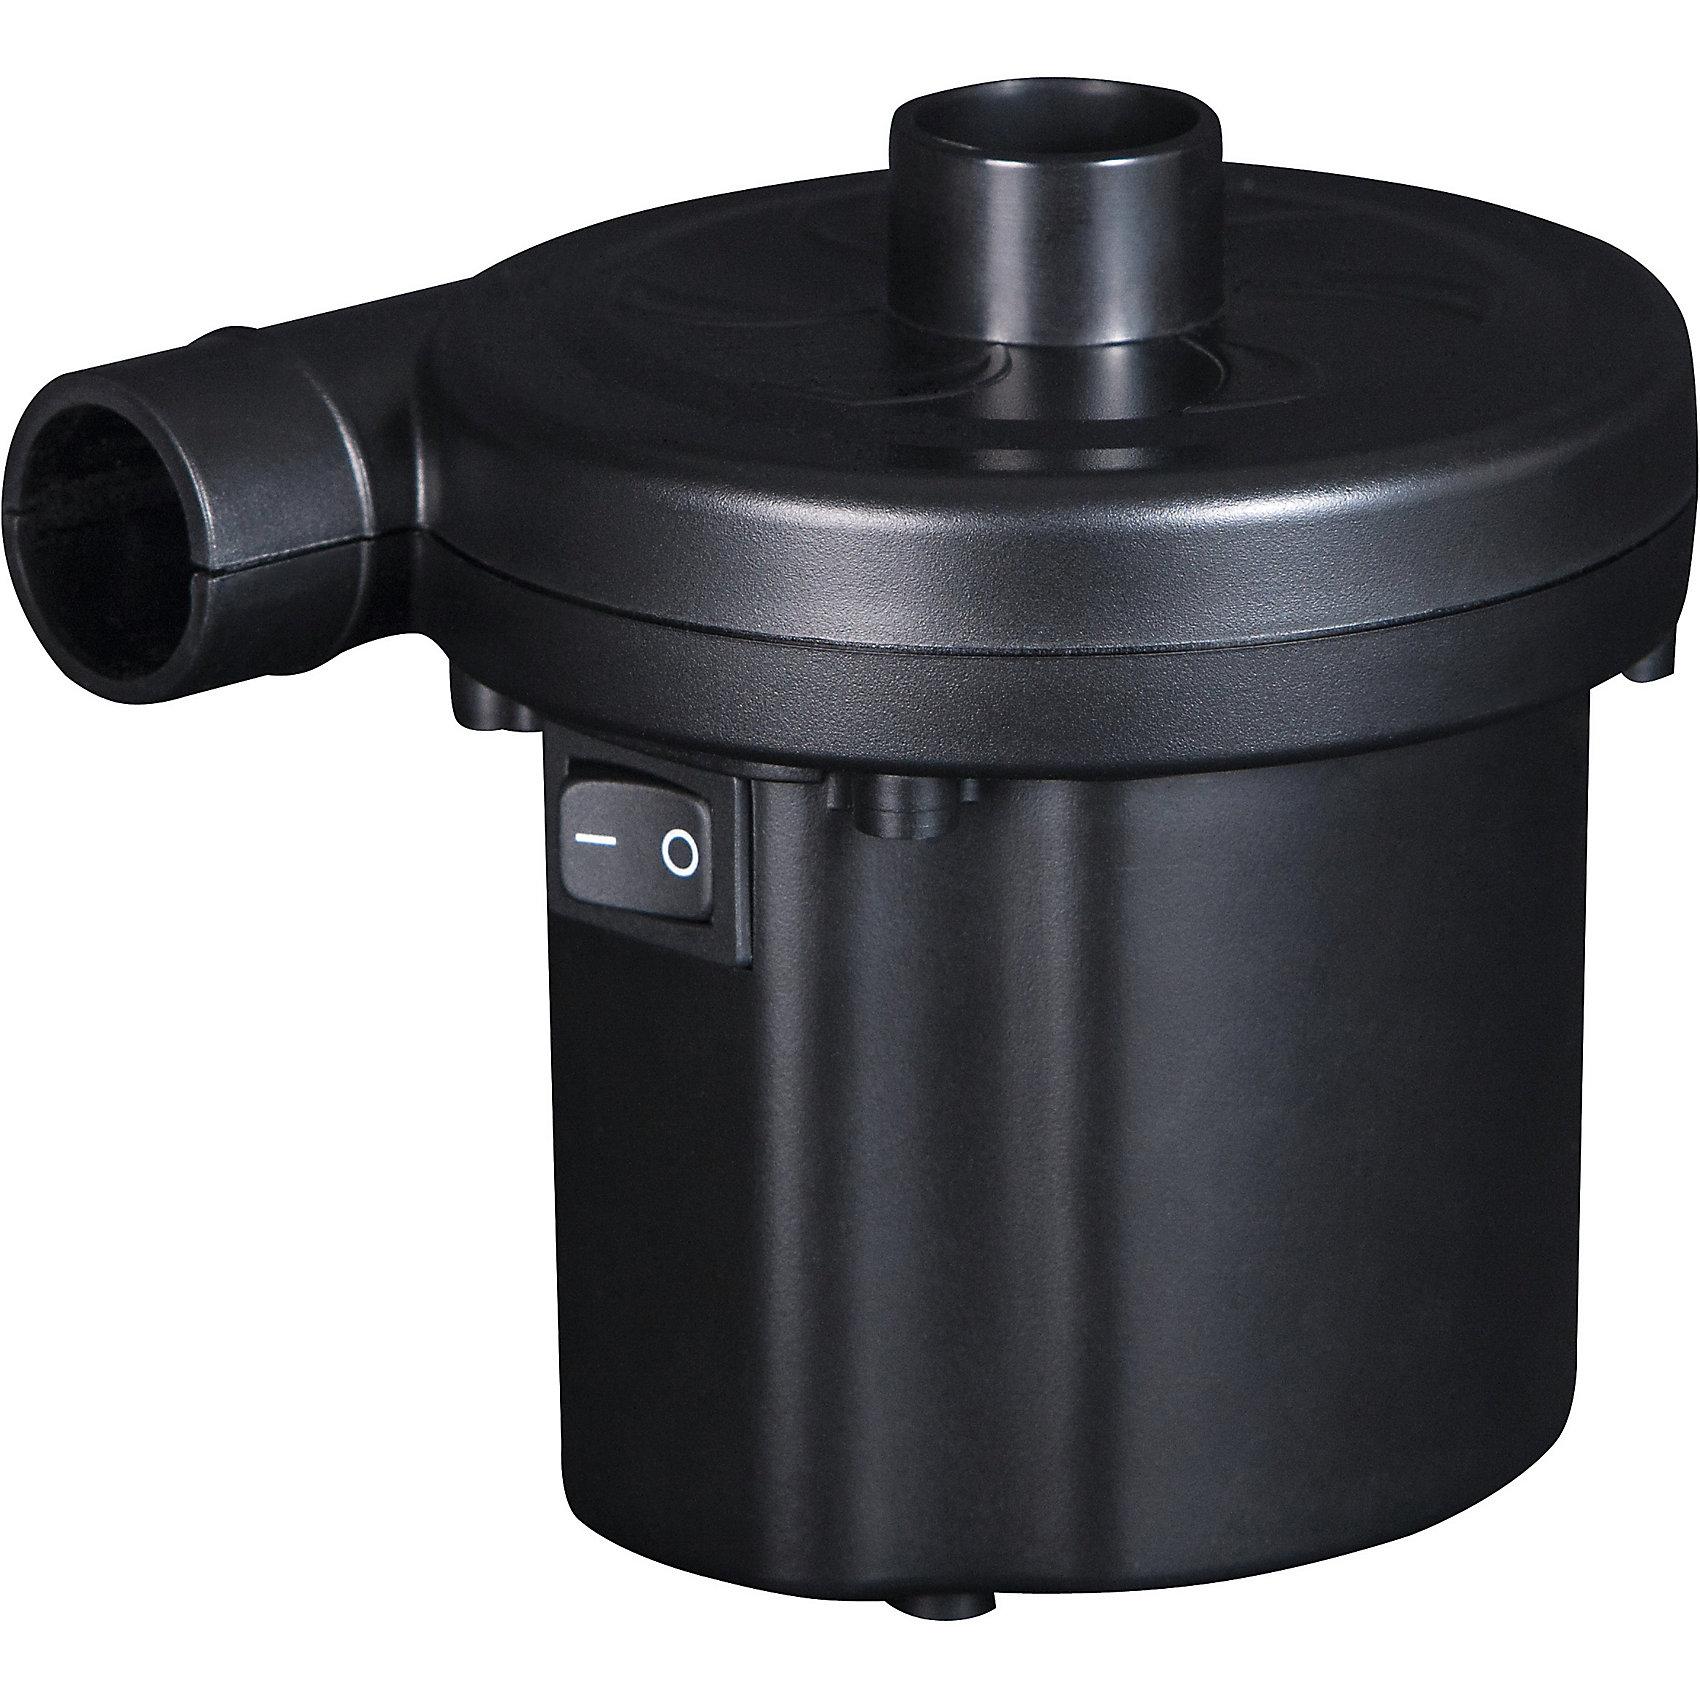 Насос электрический 220В (от сети), BestwayНасосы и аксессуары для бассейнов<br>Характеристики товара:<br><br>• материал: пластик<br>• цвет: черный<br>• размер: 20x15x25 см<br>• работает от сети<br>• мощностью:125 Вт<br>• напряжение: 220В<br>• легкий прочный материал<br>• для накачивания бассейнов, матрасов, лодок и др<br>• вес: 1 кг<br>• страна бренда: США, Китай<br>• страна производства: Китай<br><br>Летом не обойтись без надувных бассейнов, матрасов, лодок, а также различных аттракционов и т.д. Чтобы быстро надуть такие изделия, проще всего приобрести небольшой насос, с его помощью накачать вещь воздухом можно быстро и без усилий.<br><br>Предмет сделан из прочного материала, но легкого, насос мало весит, поэтому его удобно брать с собой. Изделие произведено из качественных и безопасных для детей материалов.<br><br>Насос электрический 220В (от сети) от бренда Bestway (Бествей) можно купить в нашем интернет-магазине.<br><br>Ширина мм: 140<br>Глубина мм: 105<br>Высота мм: 101<br>Вес г: 501<br>Возраст от месяцев: 144<br>Возраст до месяцев: 1188<br>Пол: Унисекс<br>Возраст: Детский<br>SKU: 4632827